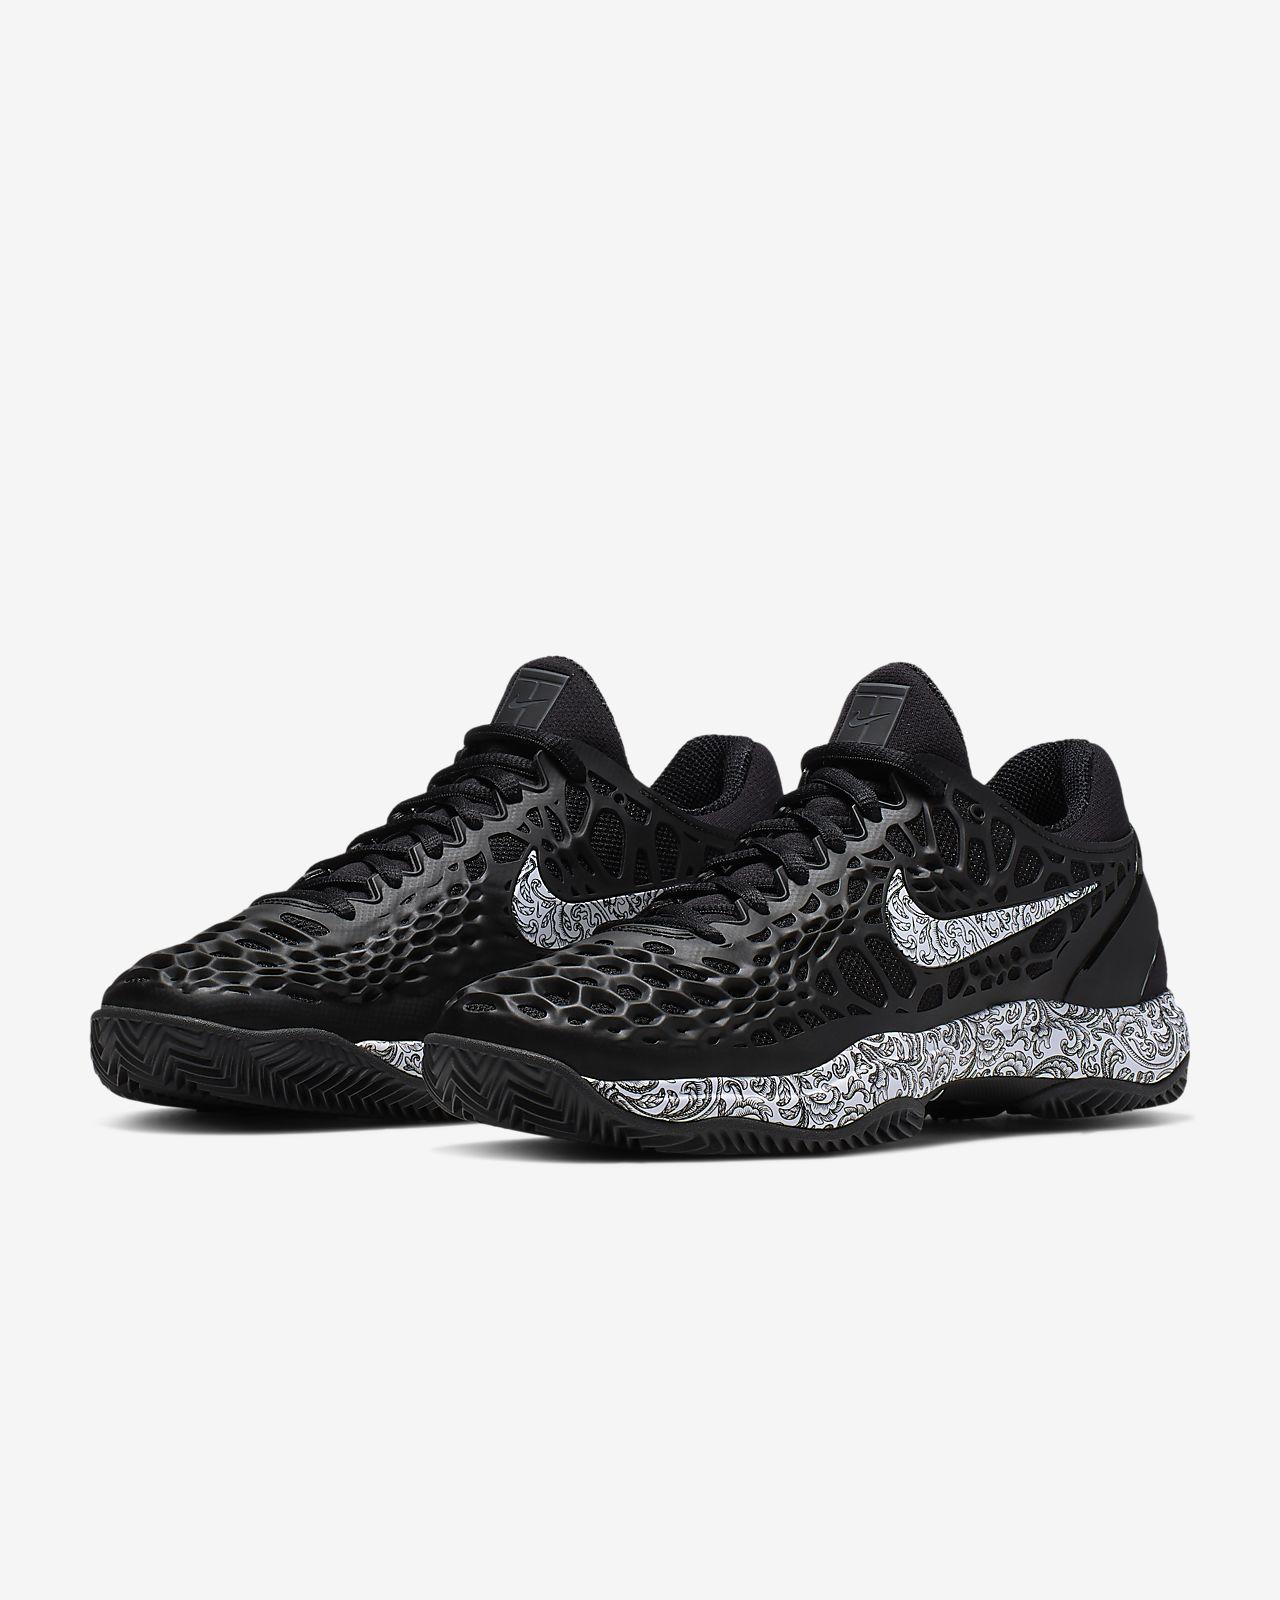 best service 351f3 8bad3 ... Calzado de tenis para mujer Nike Zoom Cage 3 Clay